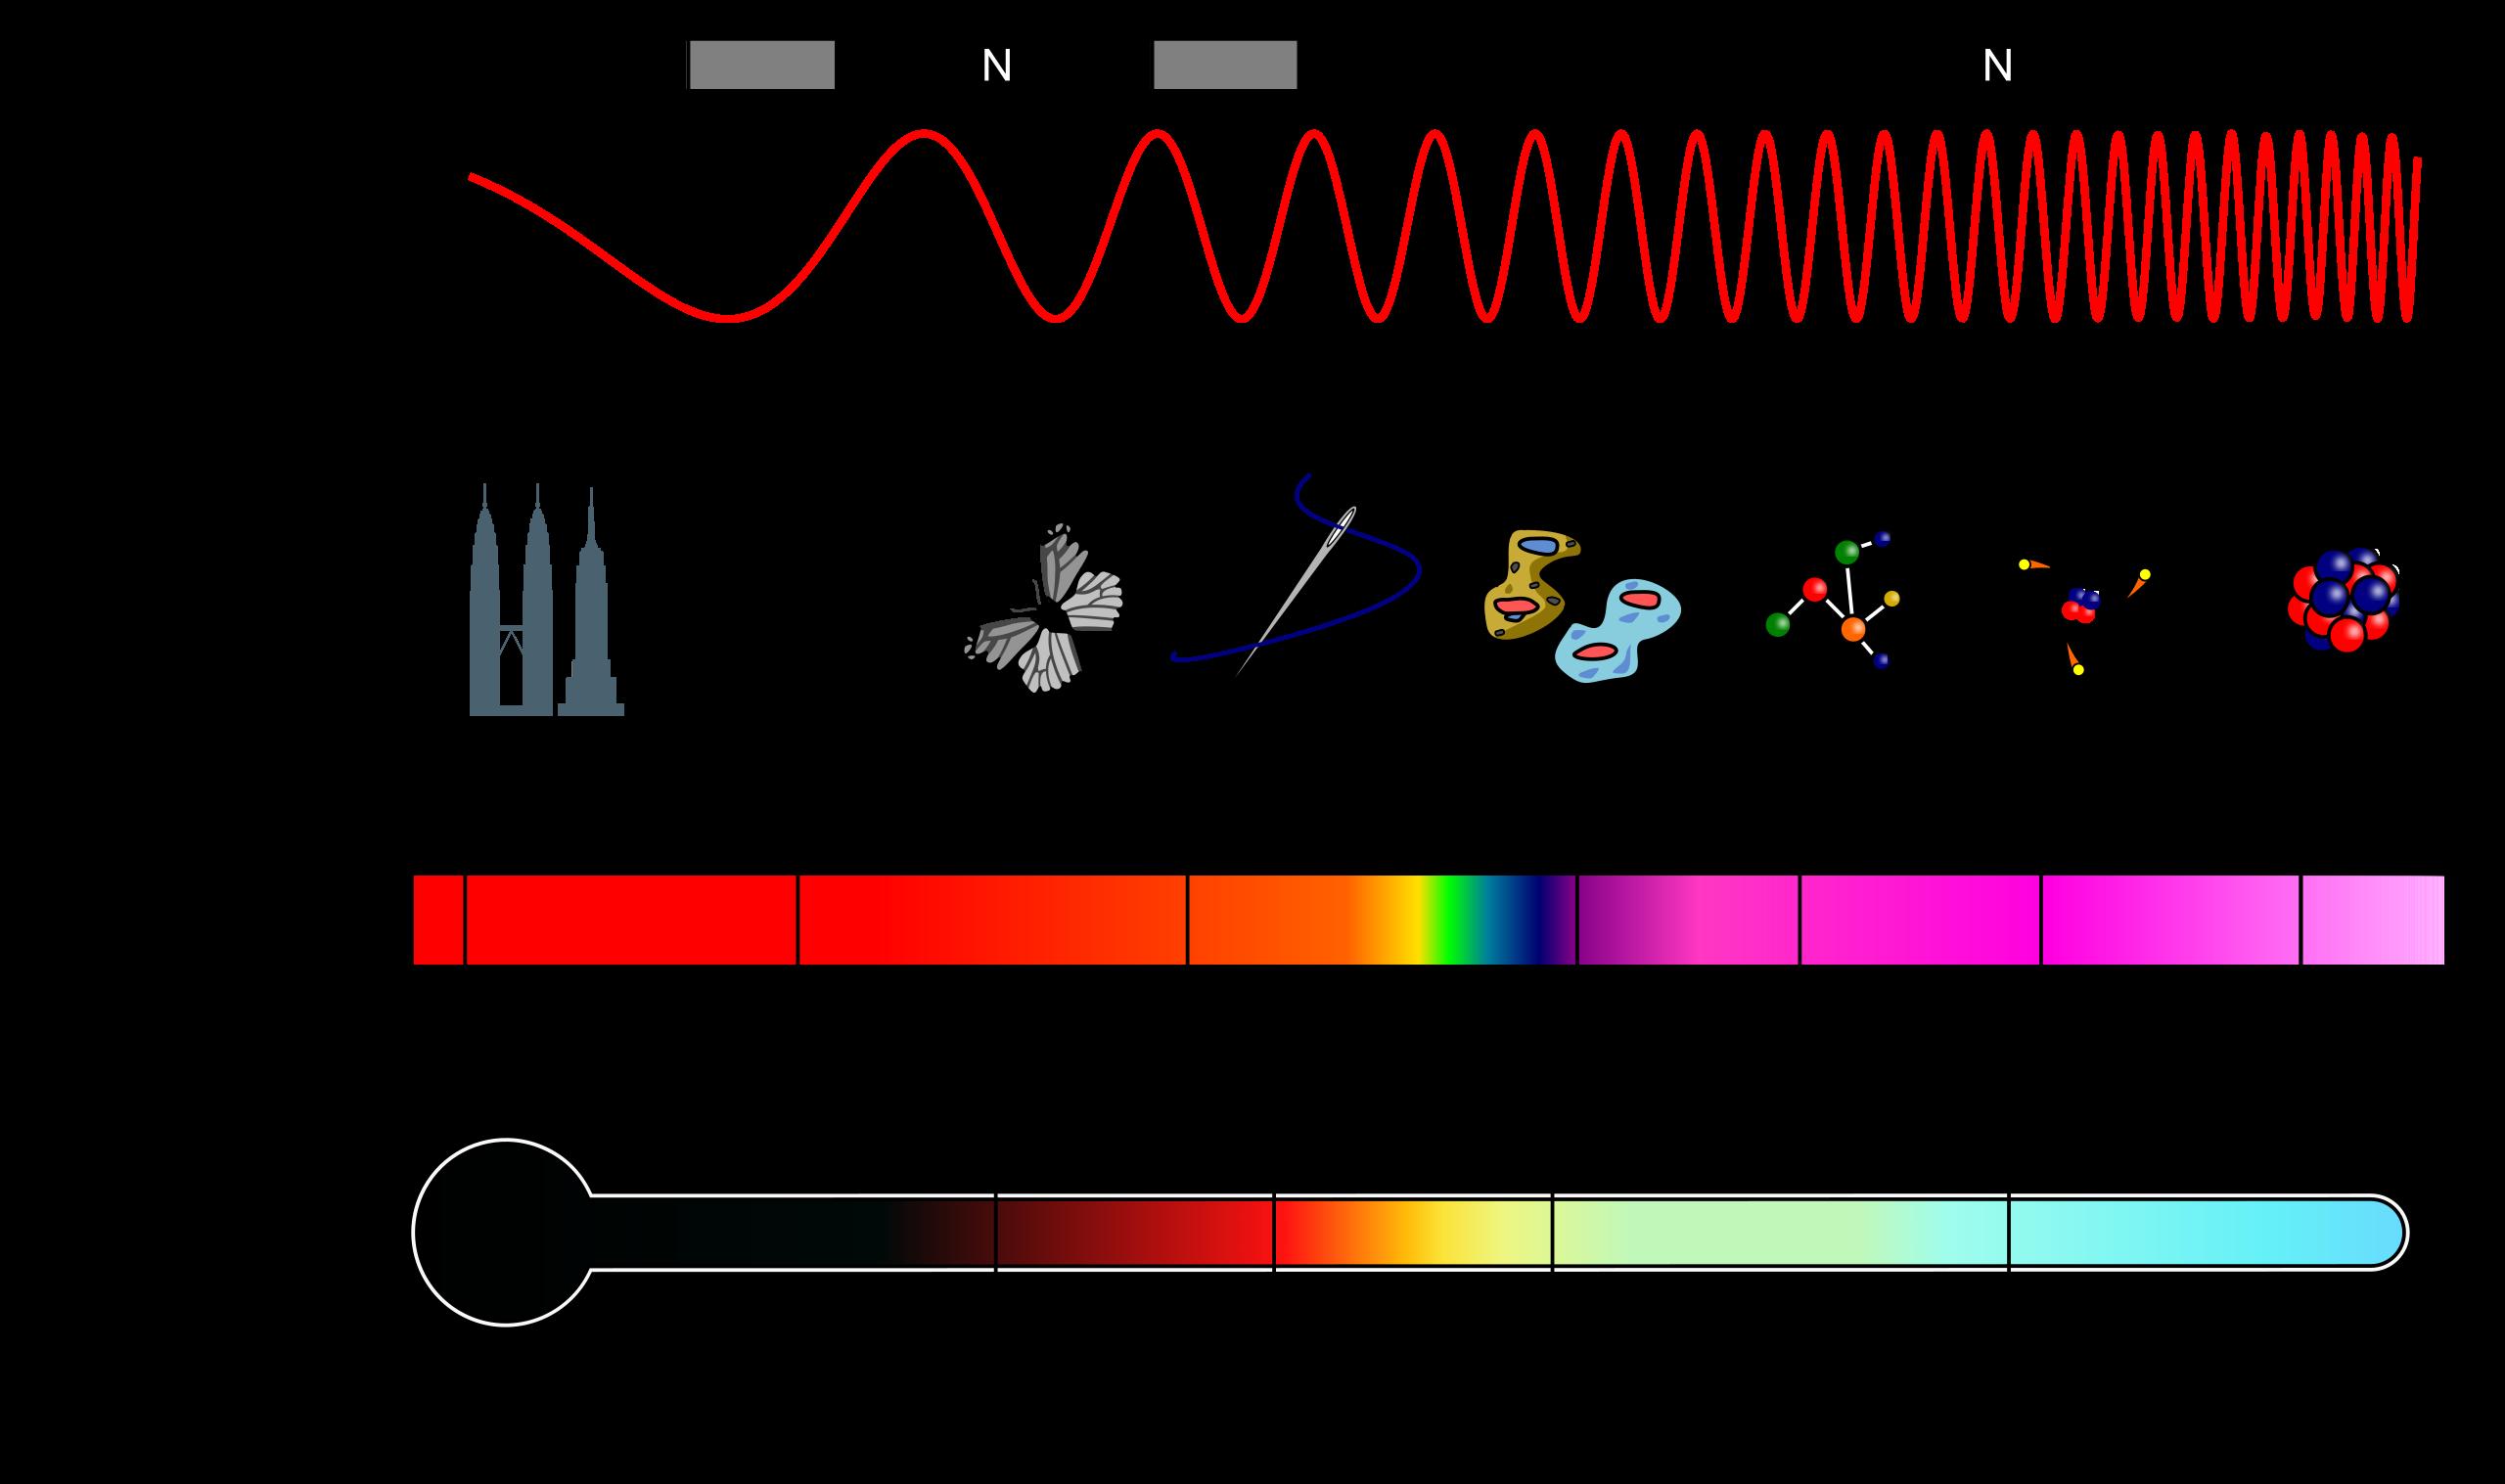 电磁波的波谱与性质